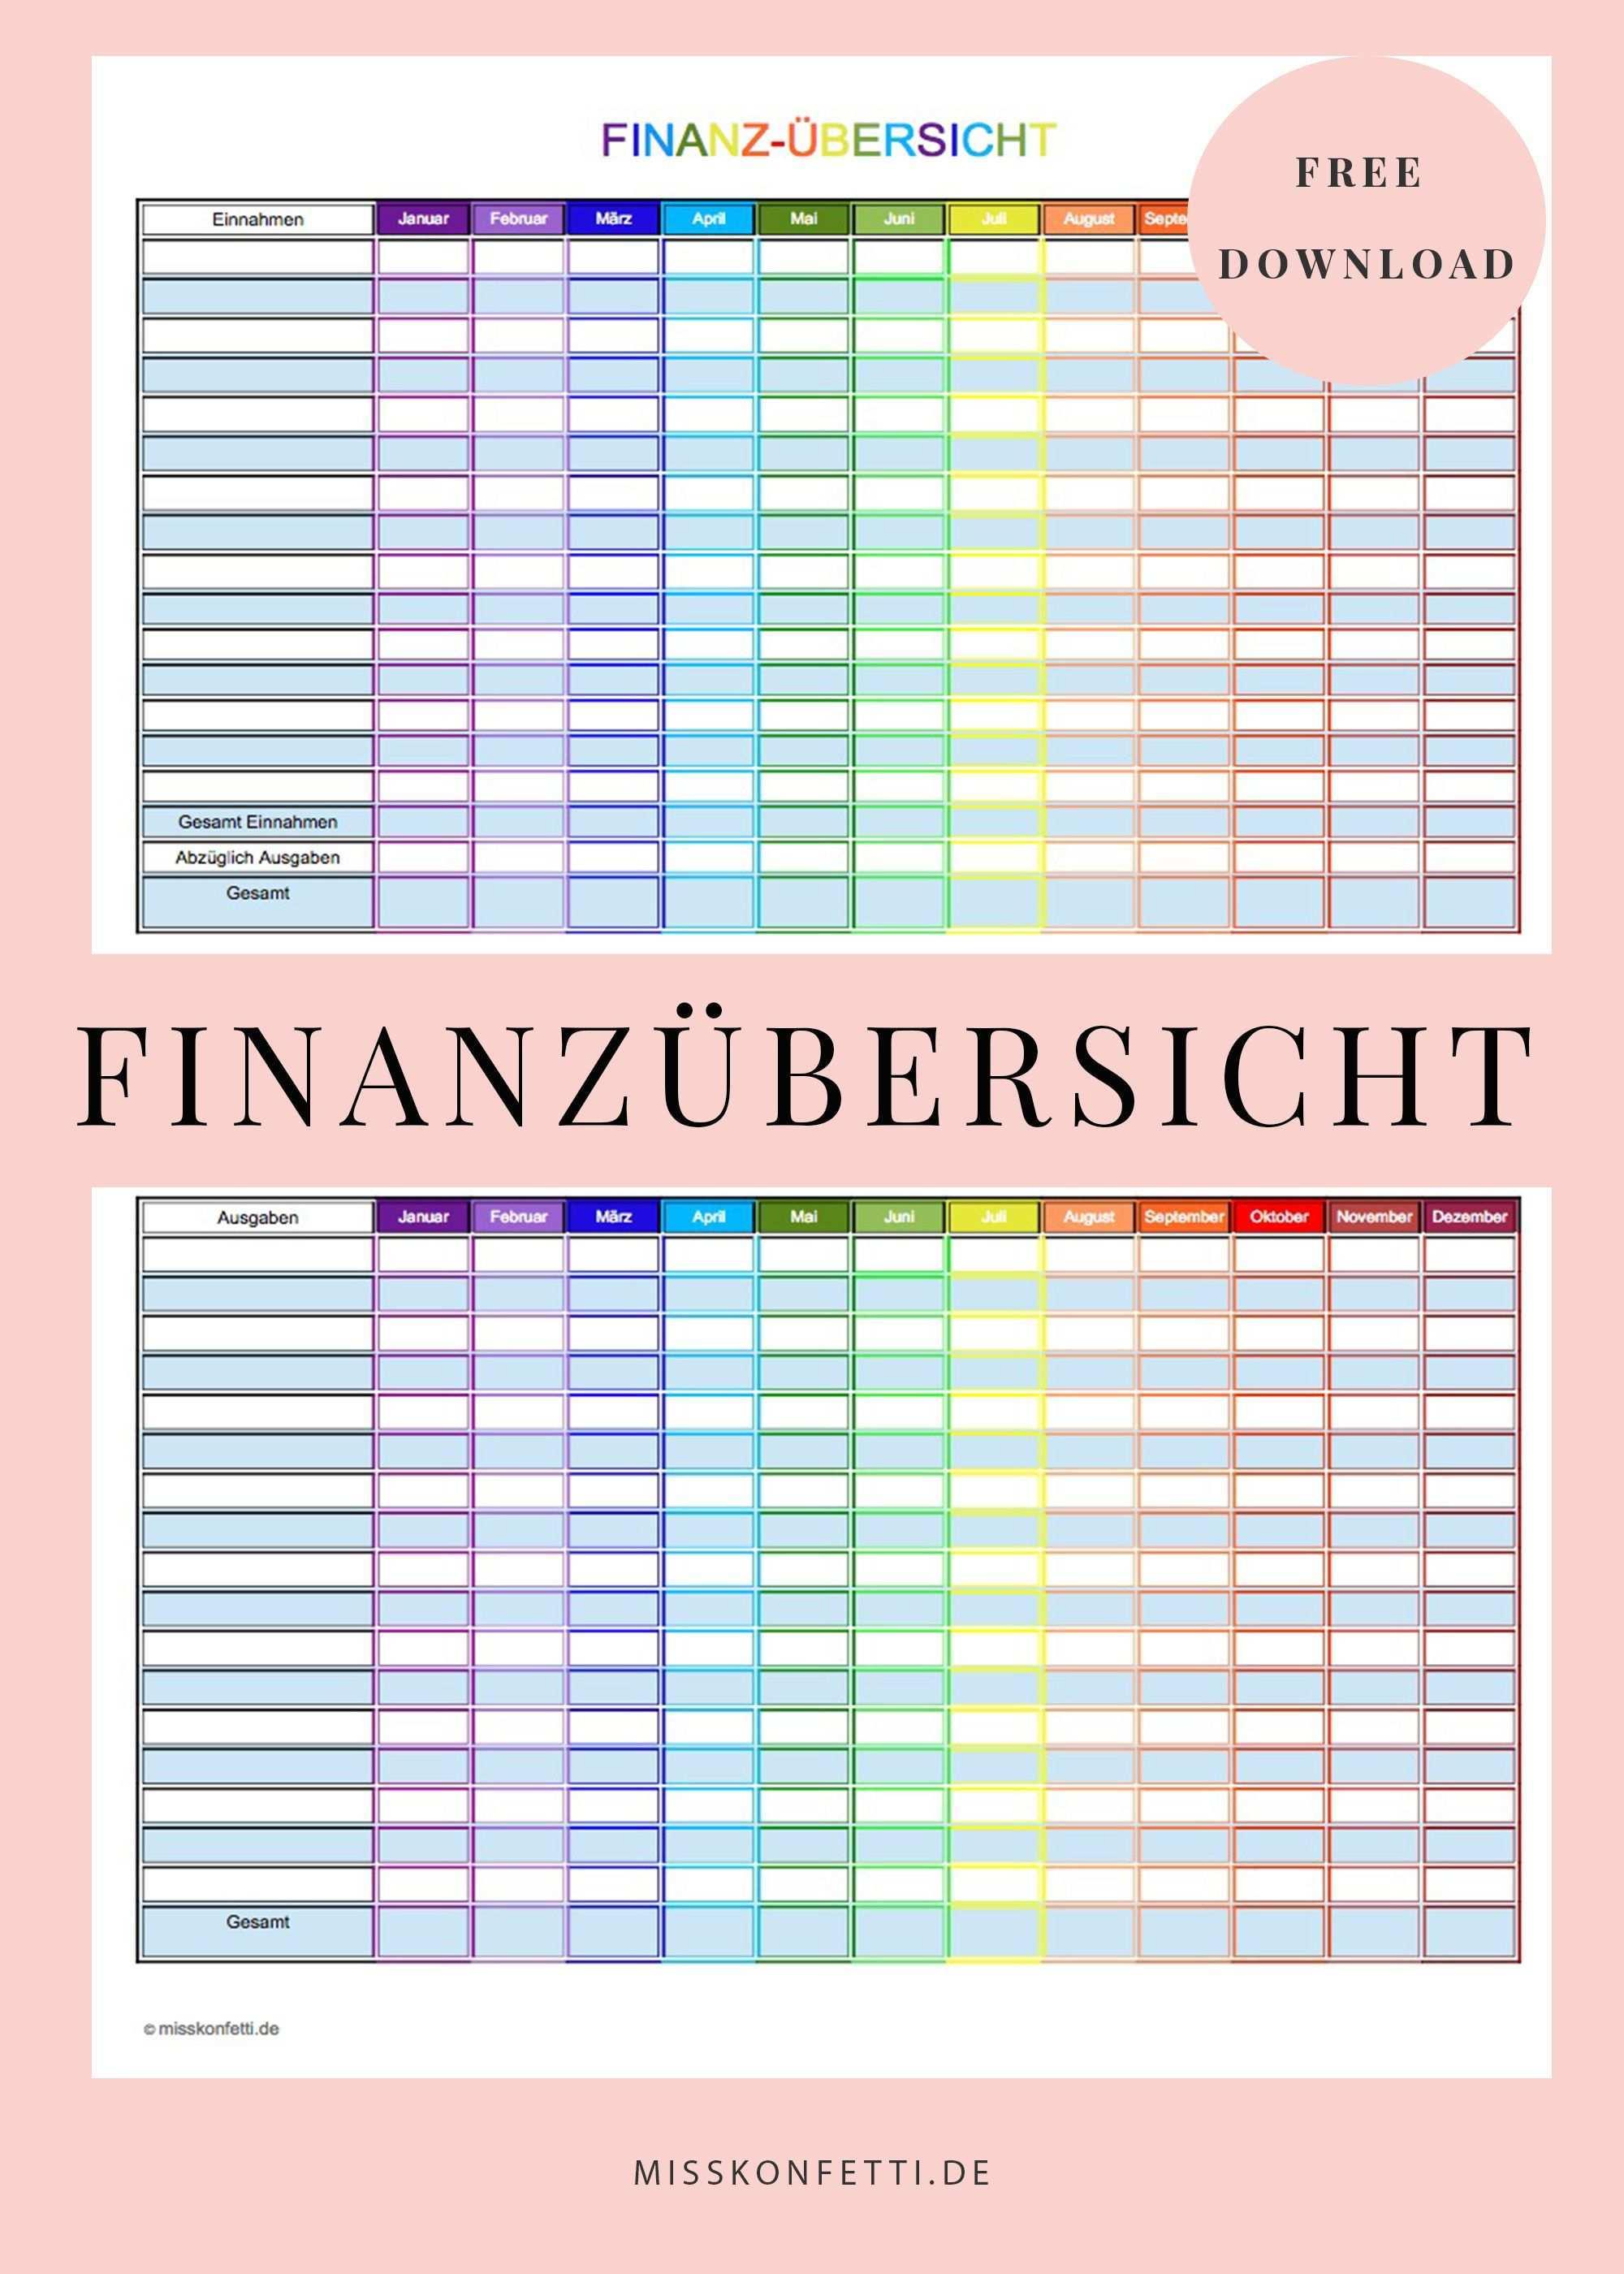 Finanzen Im Griff Mit Dem Haushaltsbuch Miss Konfetti Haushaltsbuch Vorlage Haushaltsbuch Finanzen